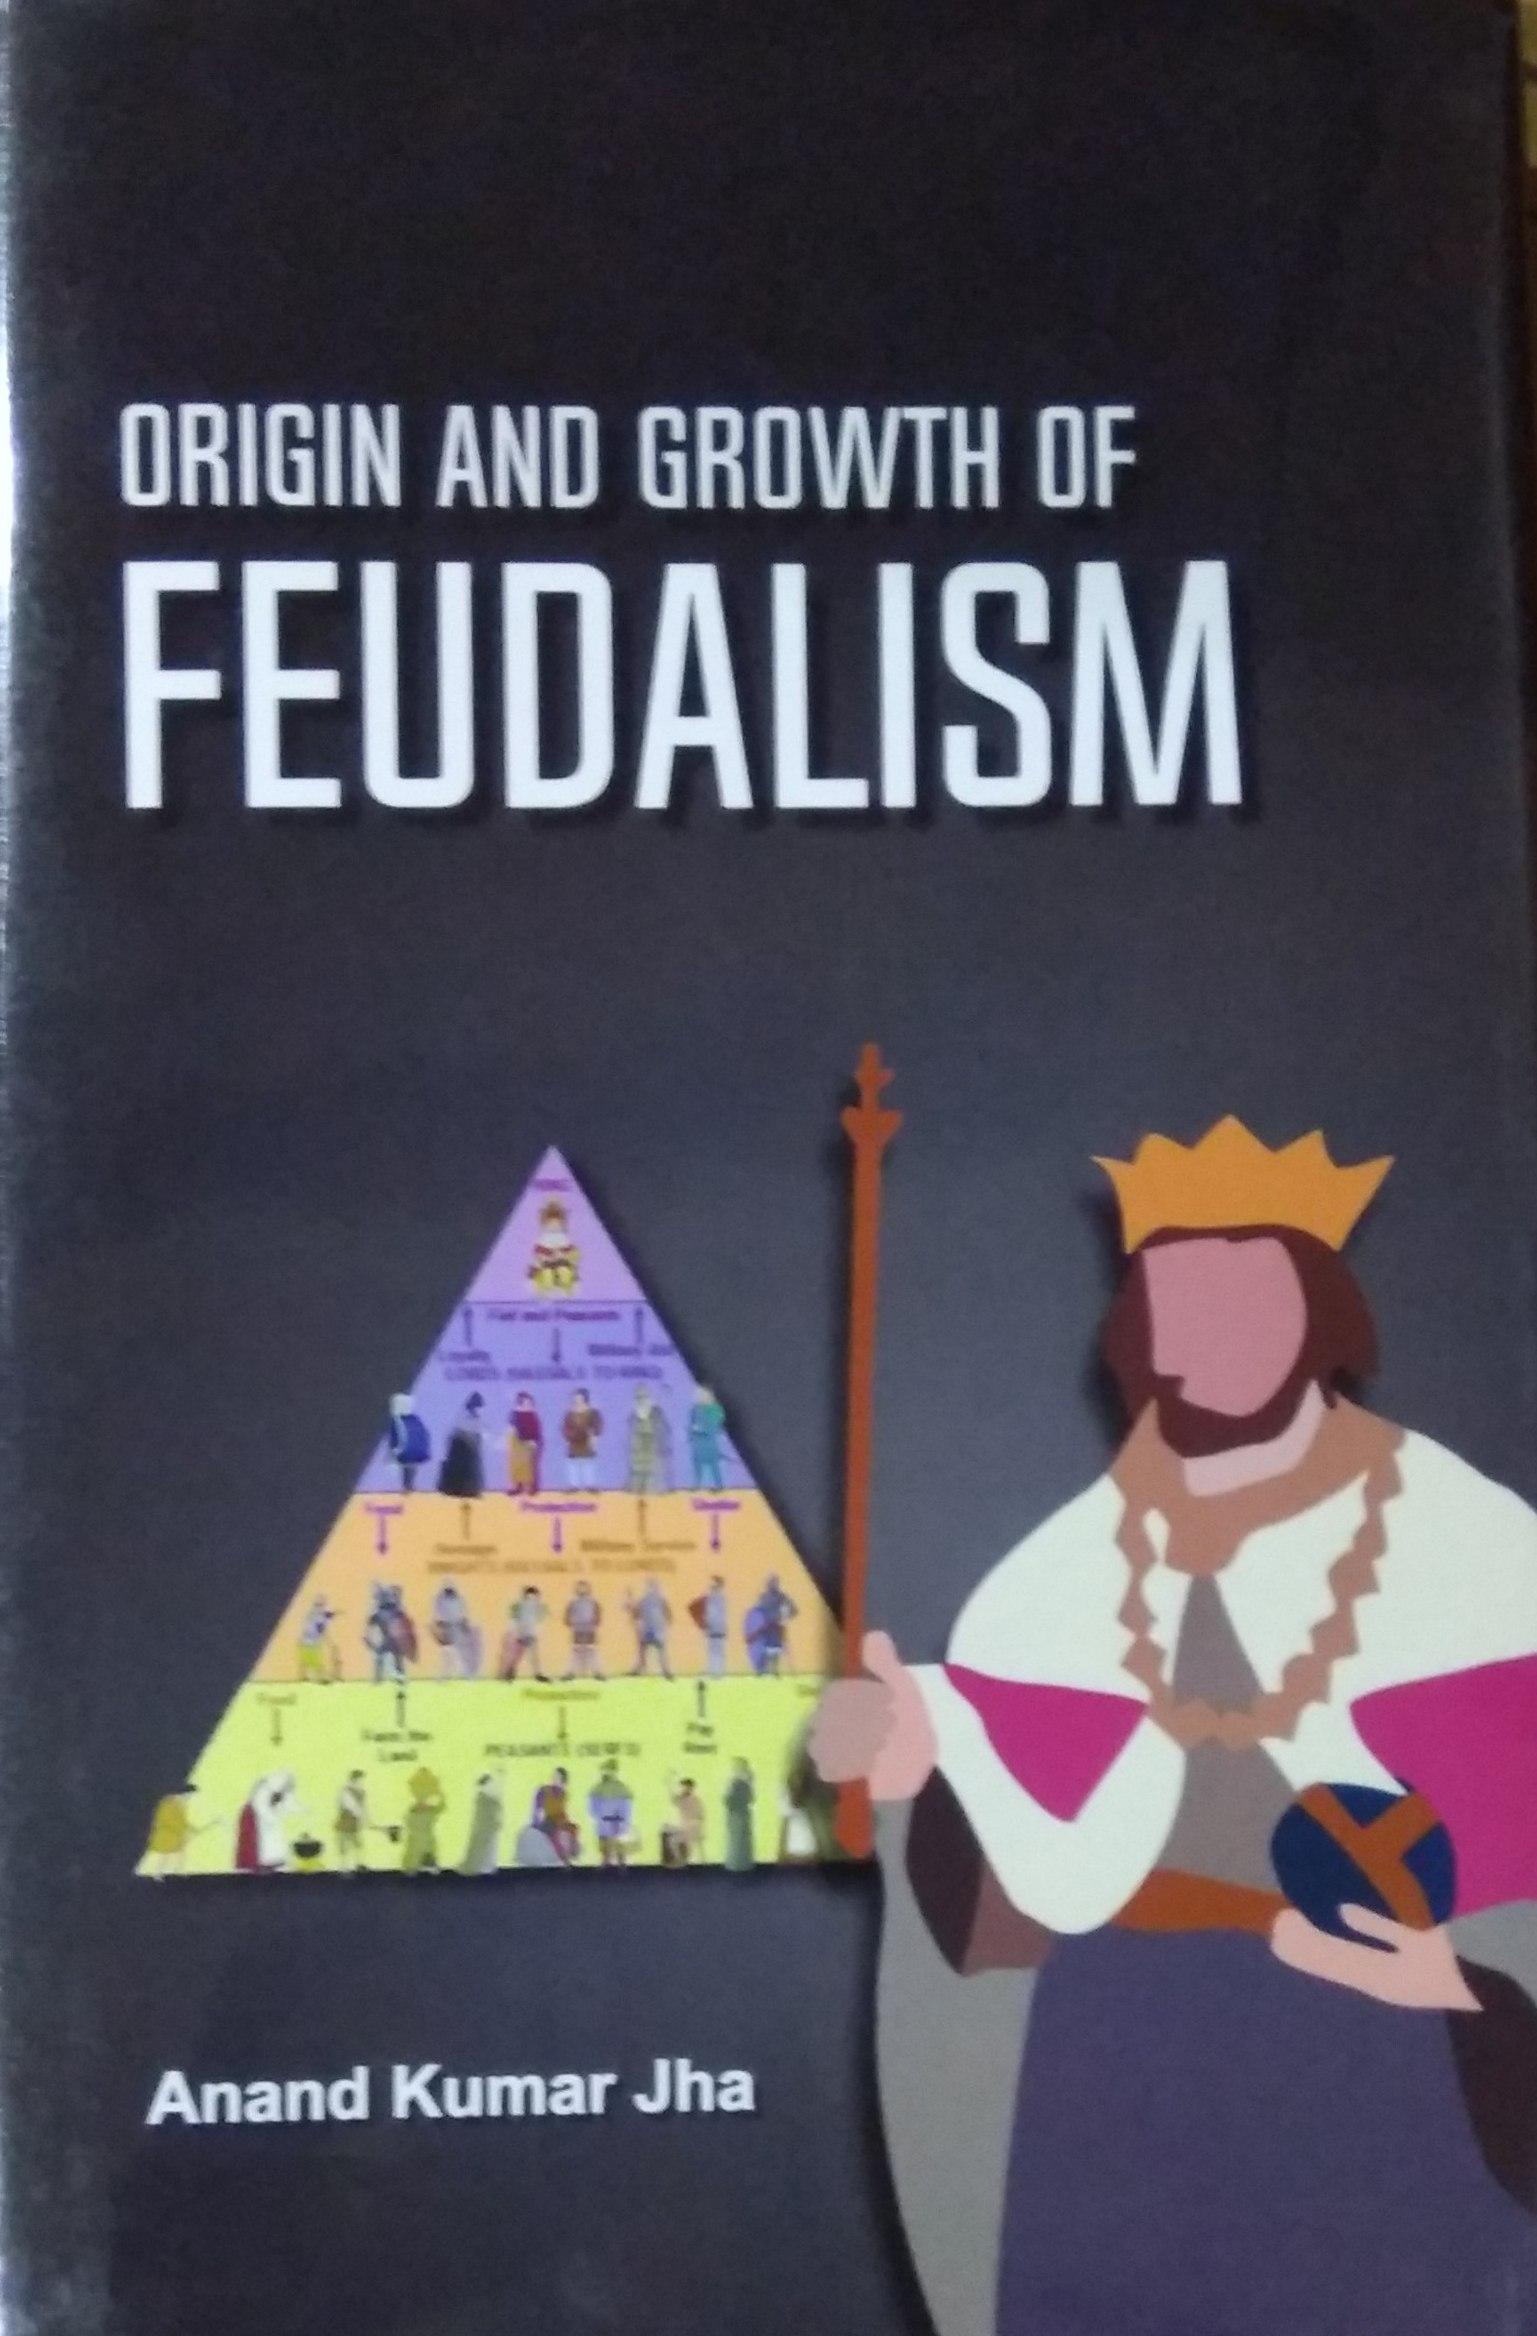 Origin and Growth of Feudalism